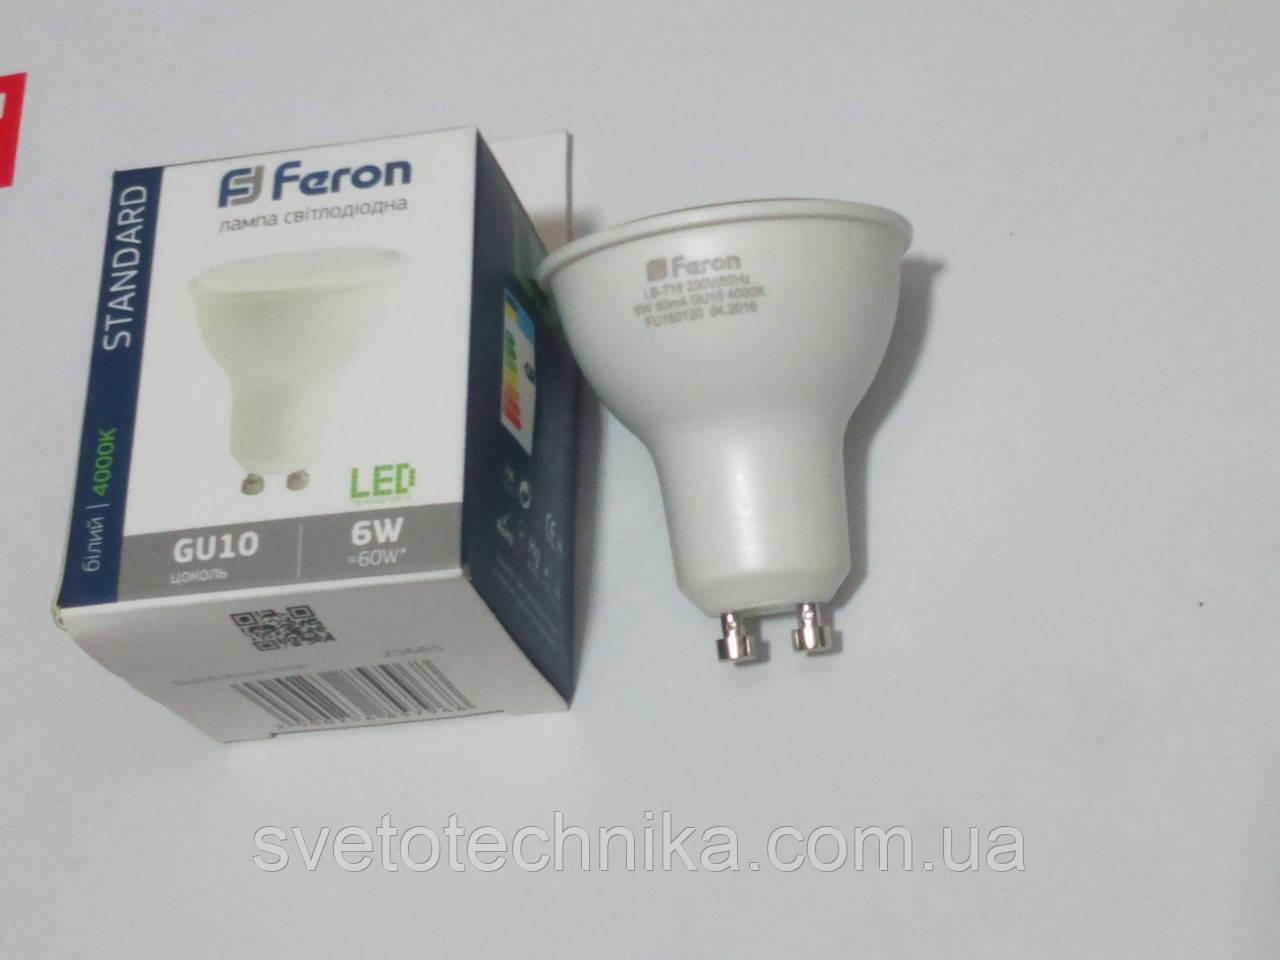 Светодиодная лампа Feron LB716 GU10 6W 2700К